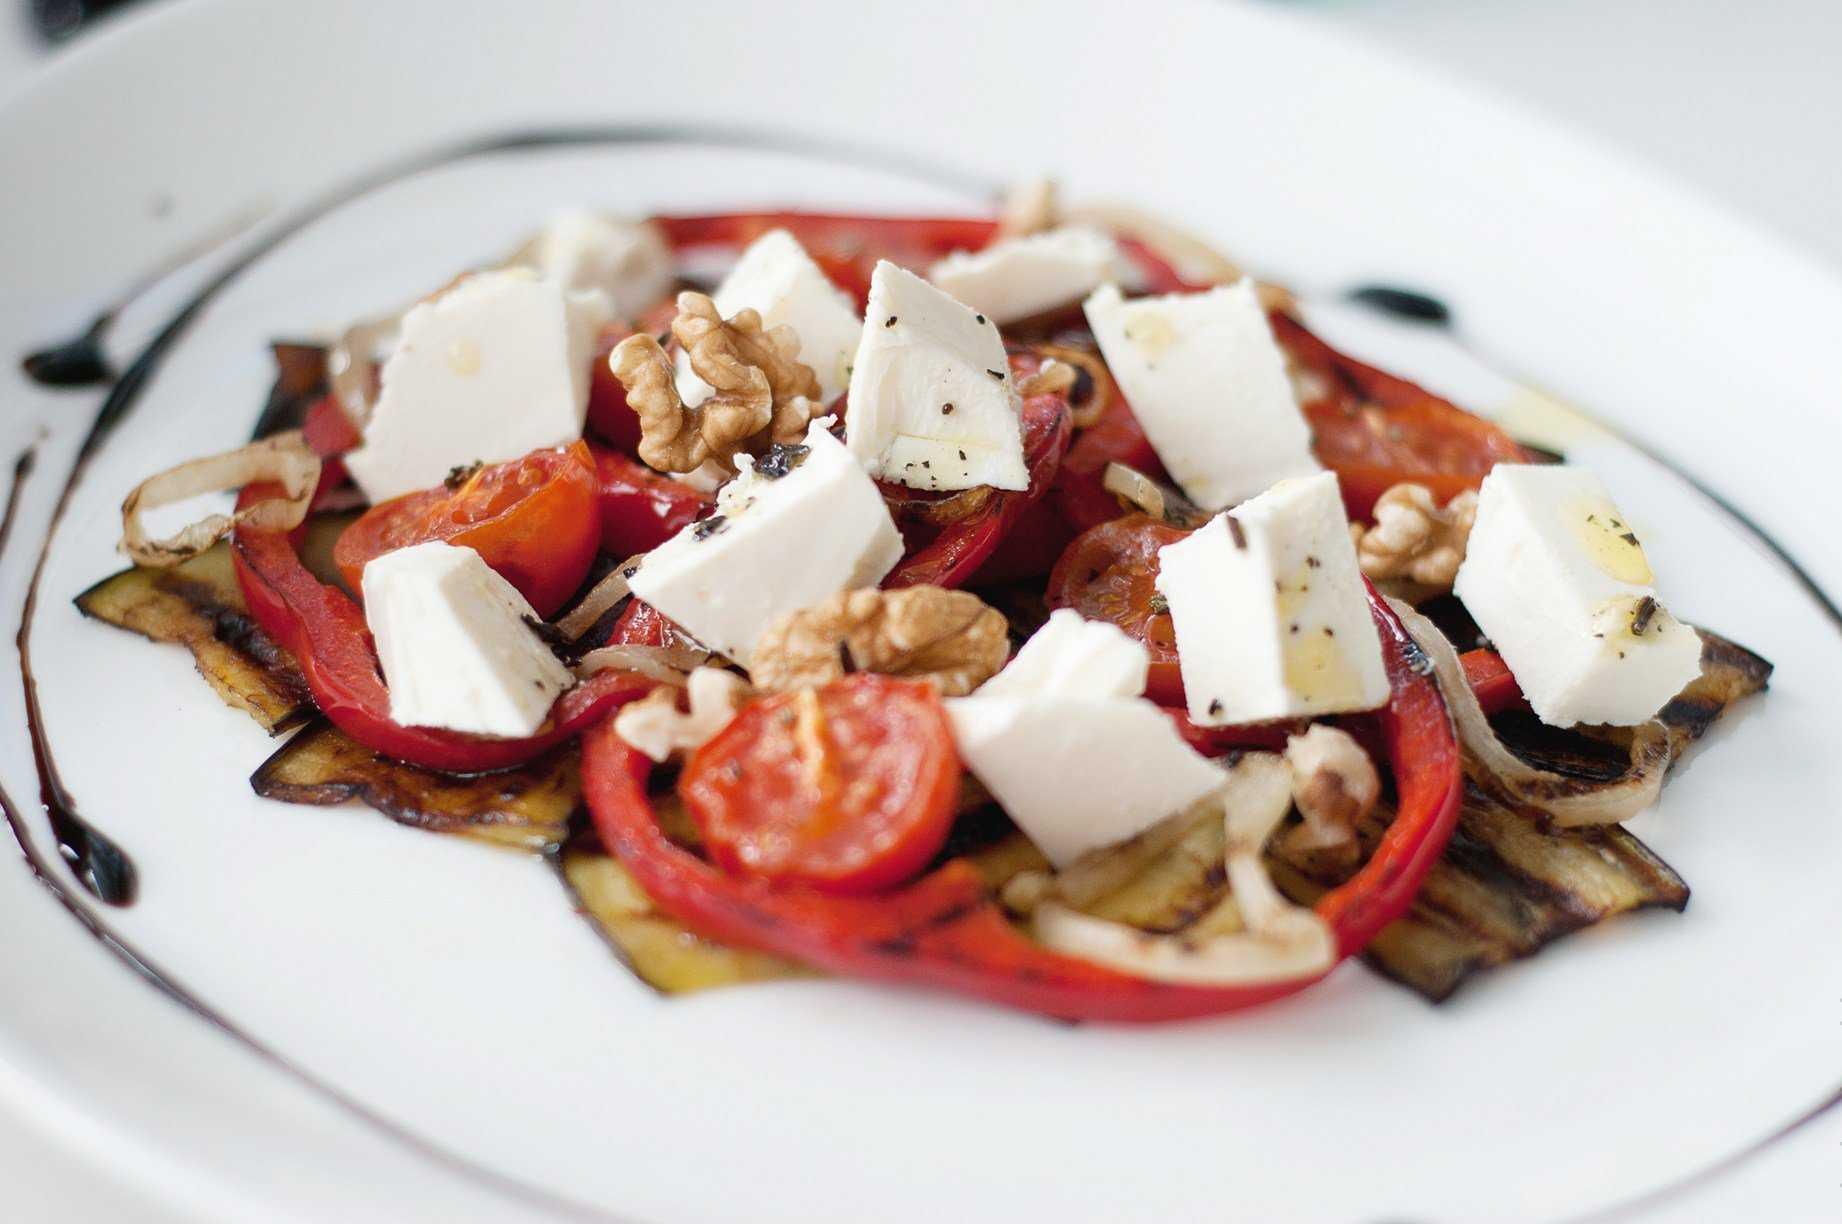 Салат летний с баклажанами быстро и просто рецепт с фото и видео - 1000.menu